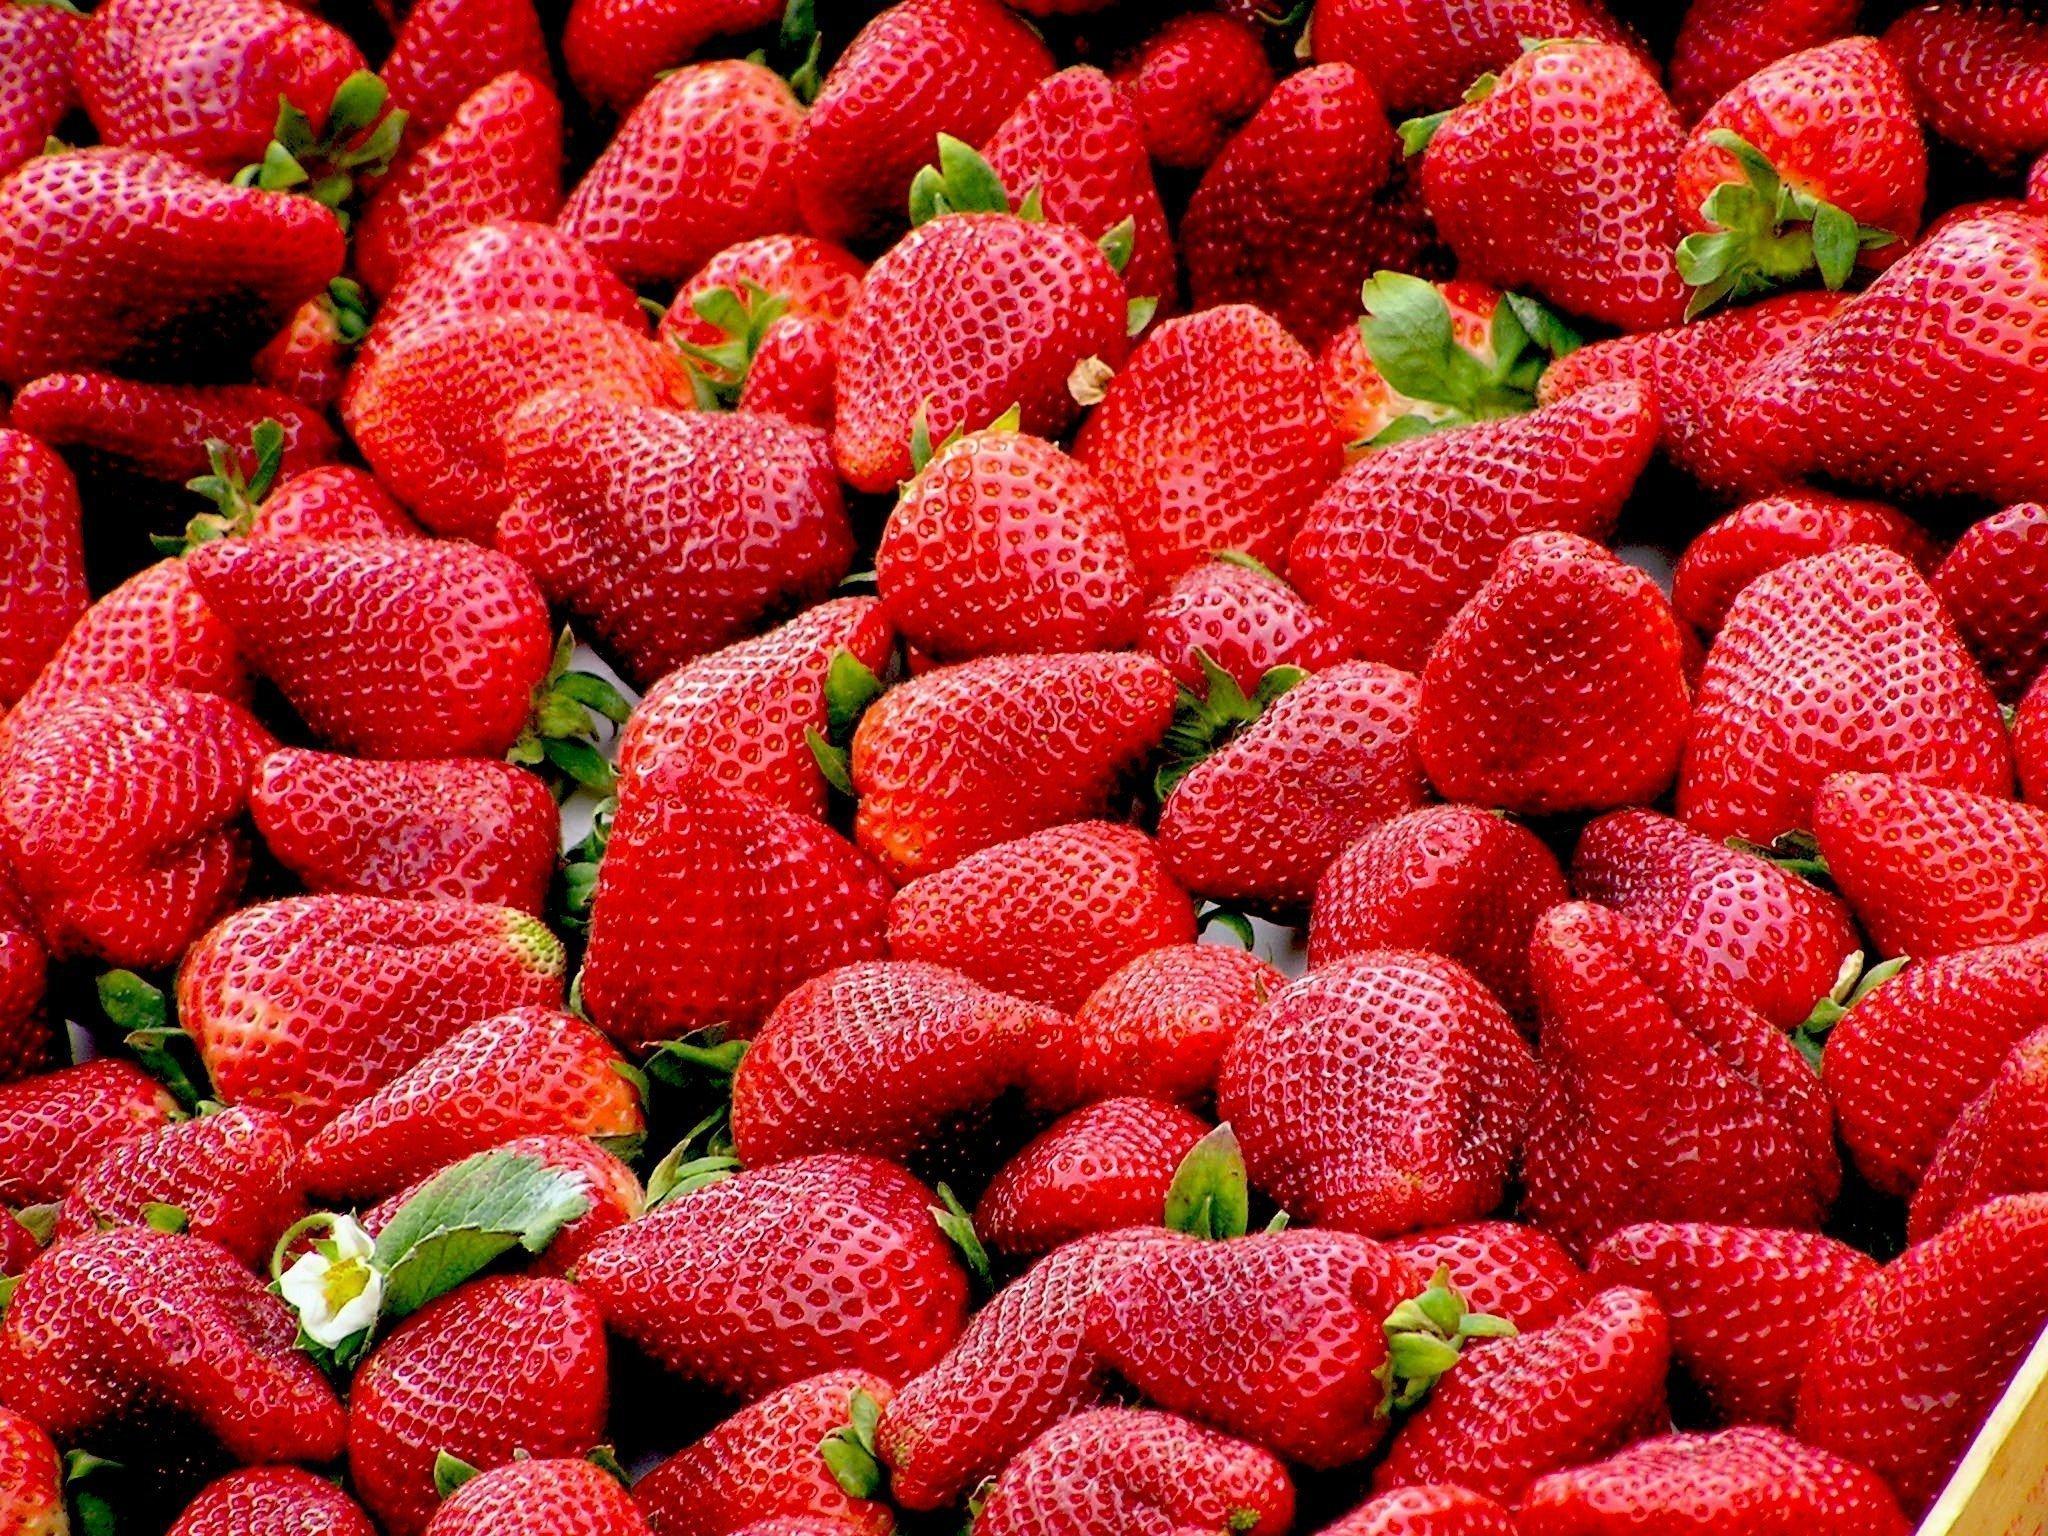 Frische gepflückte Erdbeeren